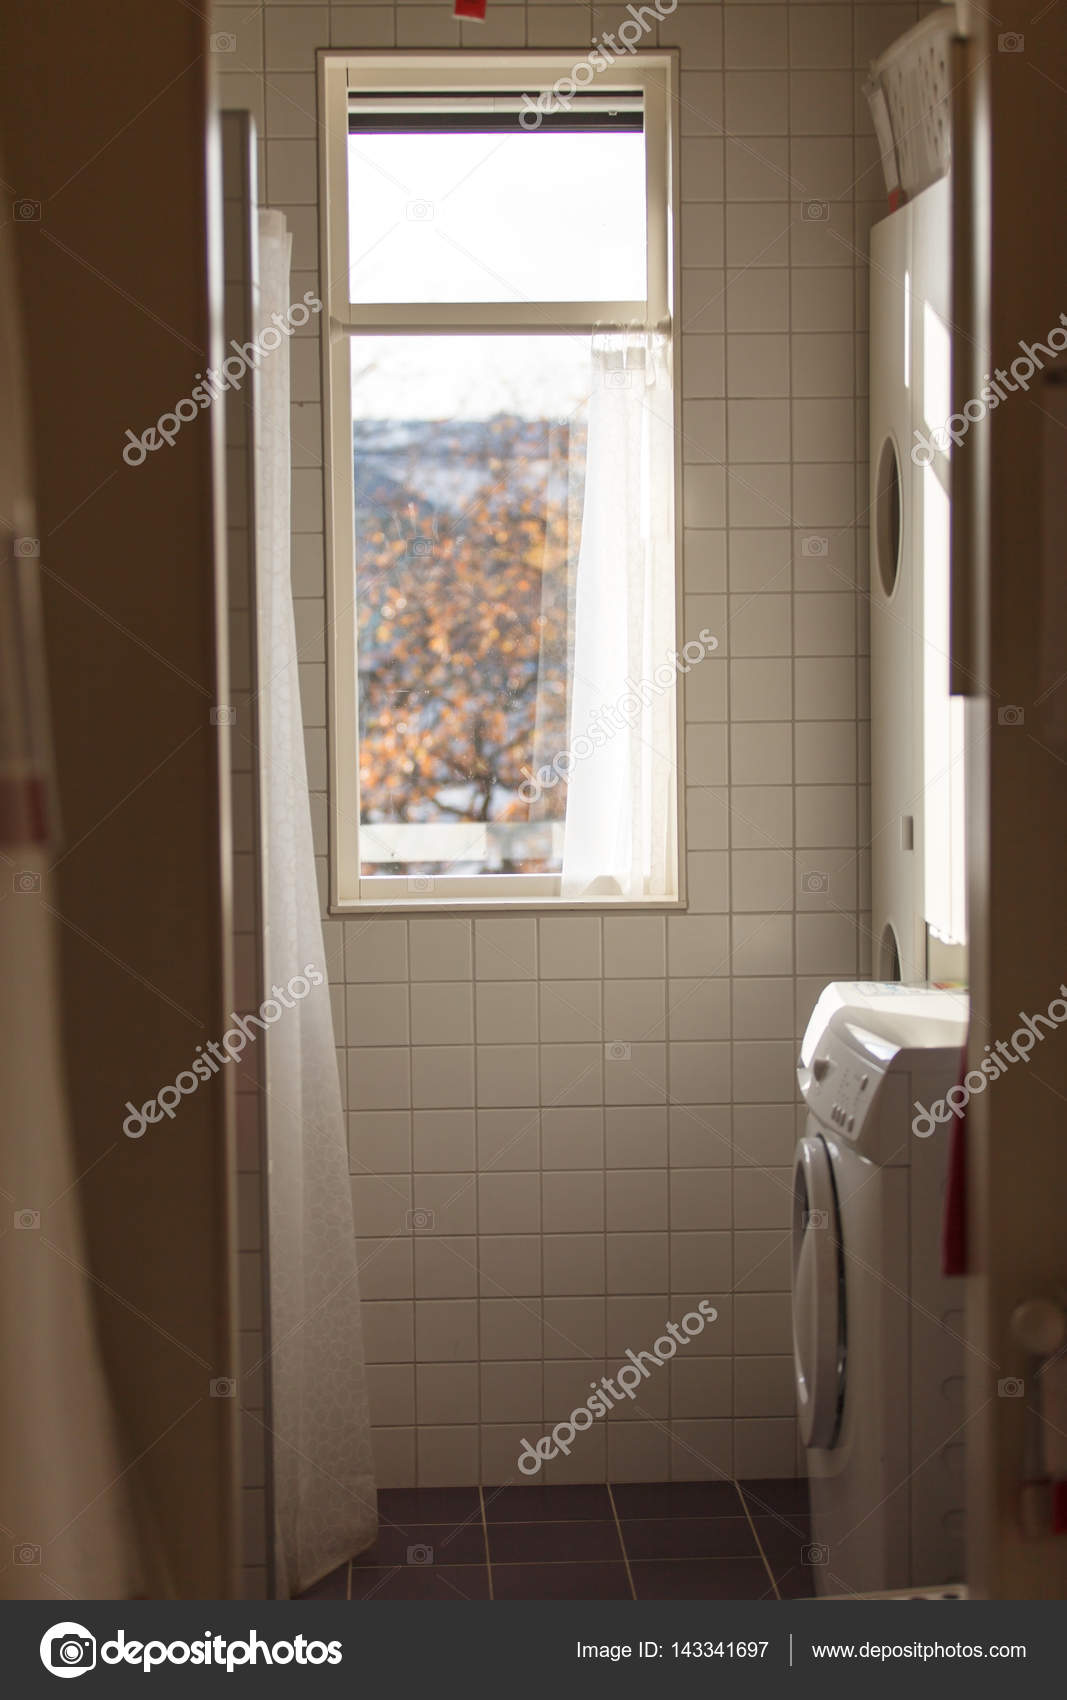 Mała łazienka Z Oknem Zdjęcie Stockowe Shebeko 143341697